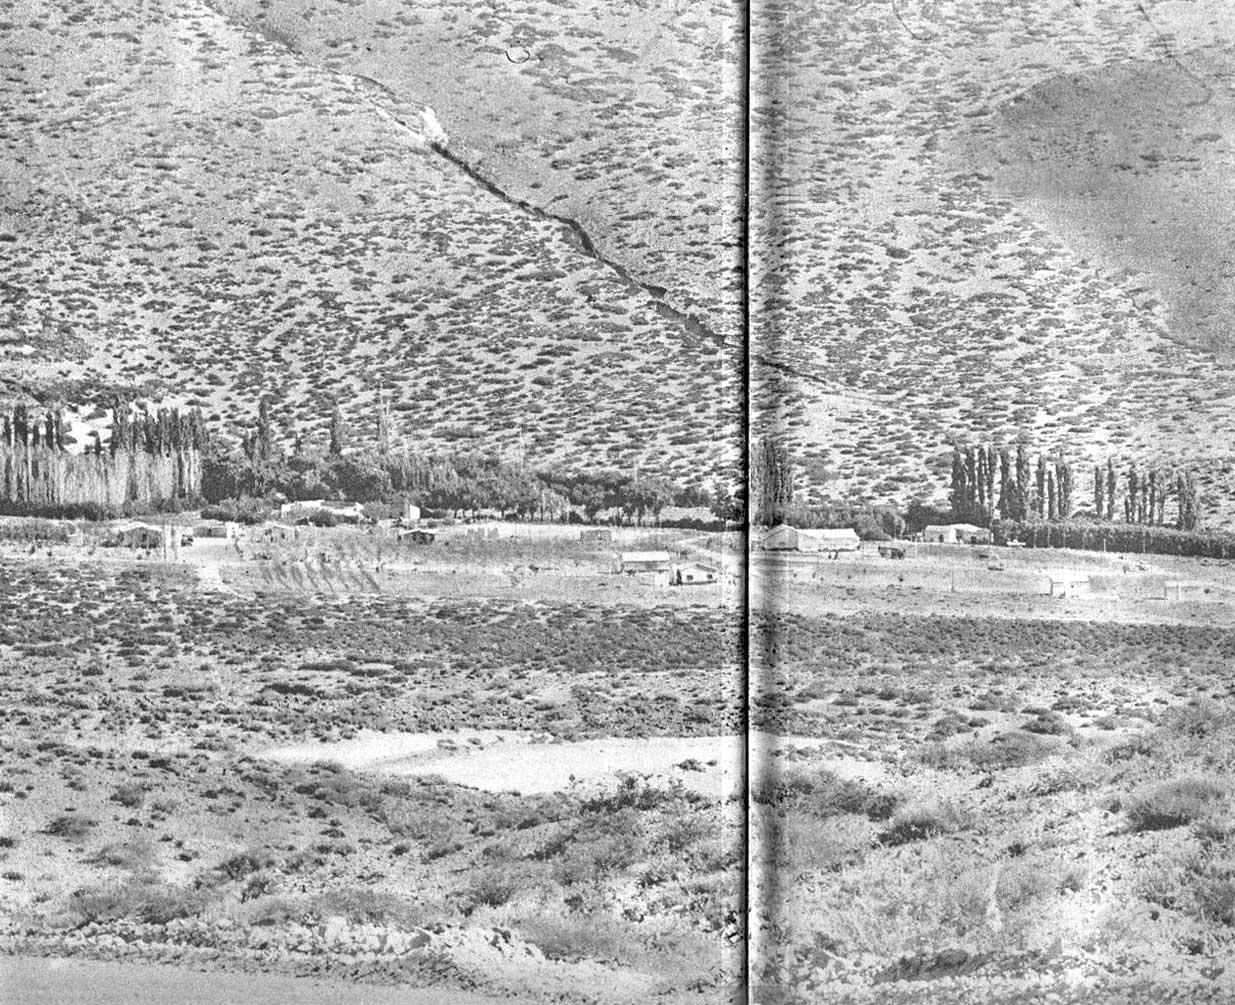 Barrancas - Neuquén - 1973